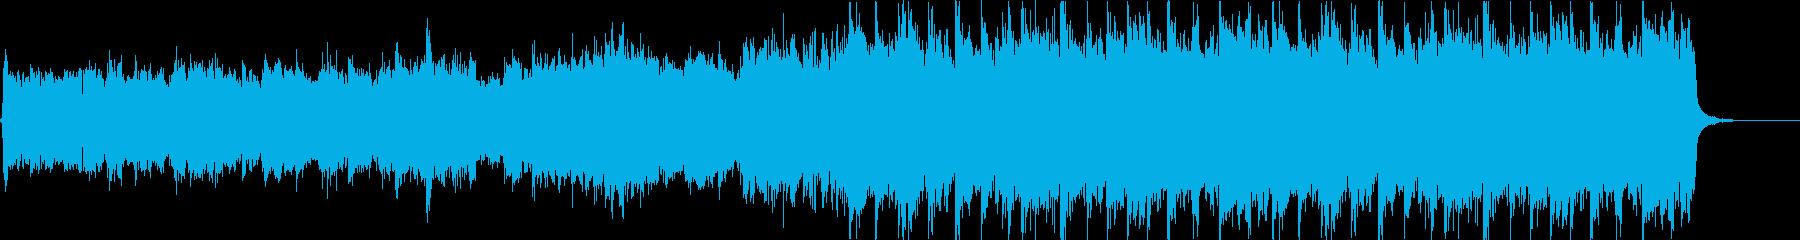 ドキュメンタリーOP風ロックバラードの再生済みの波形